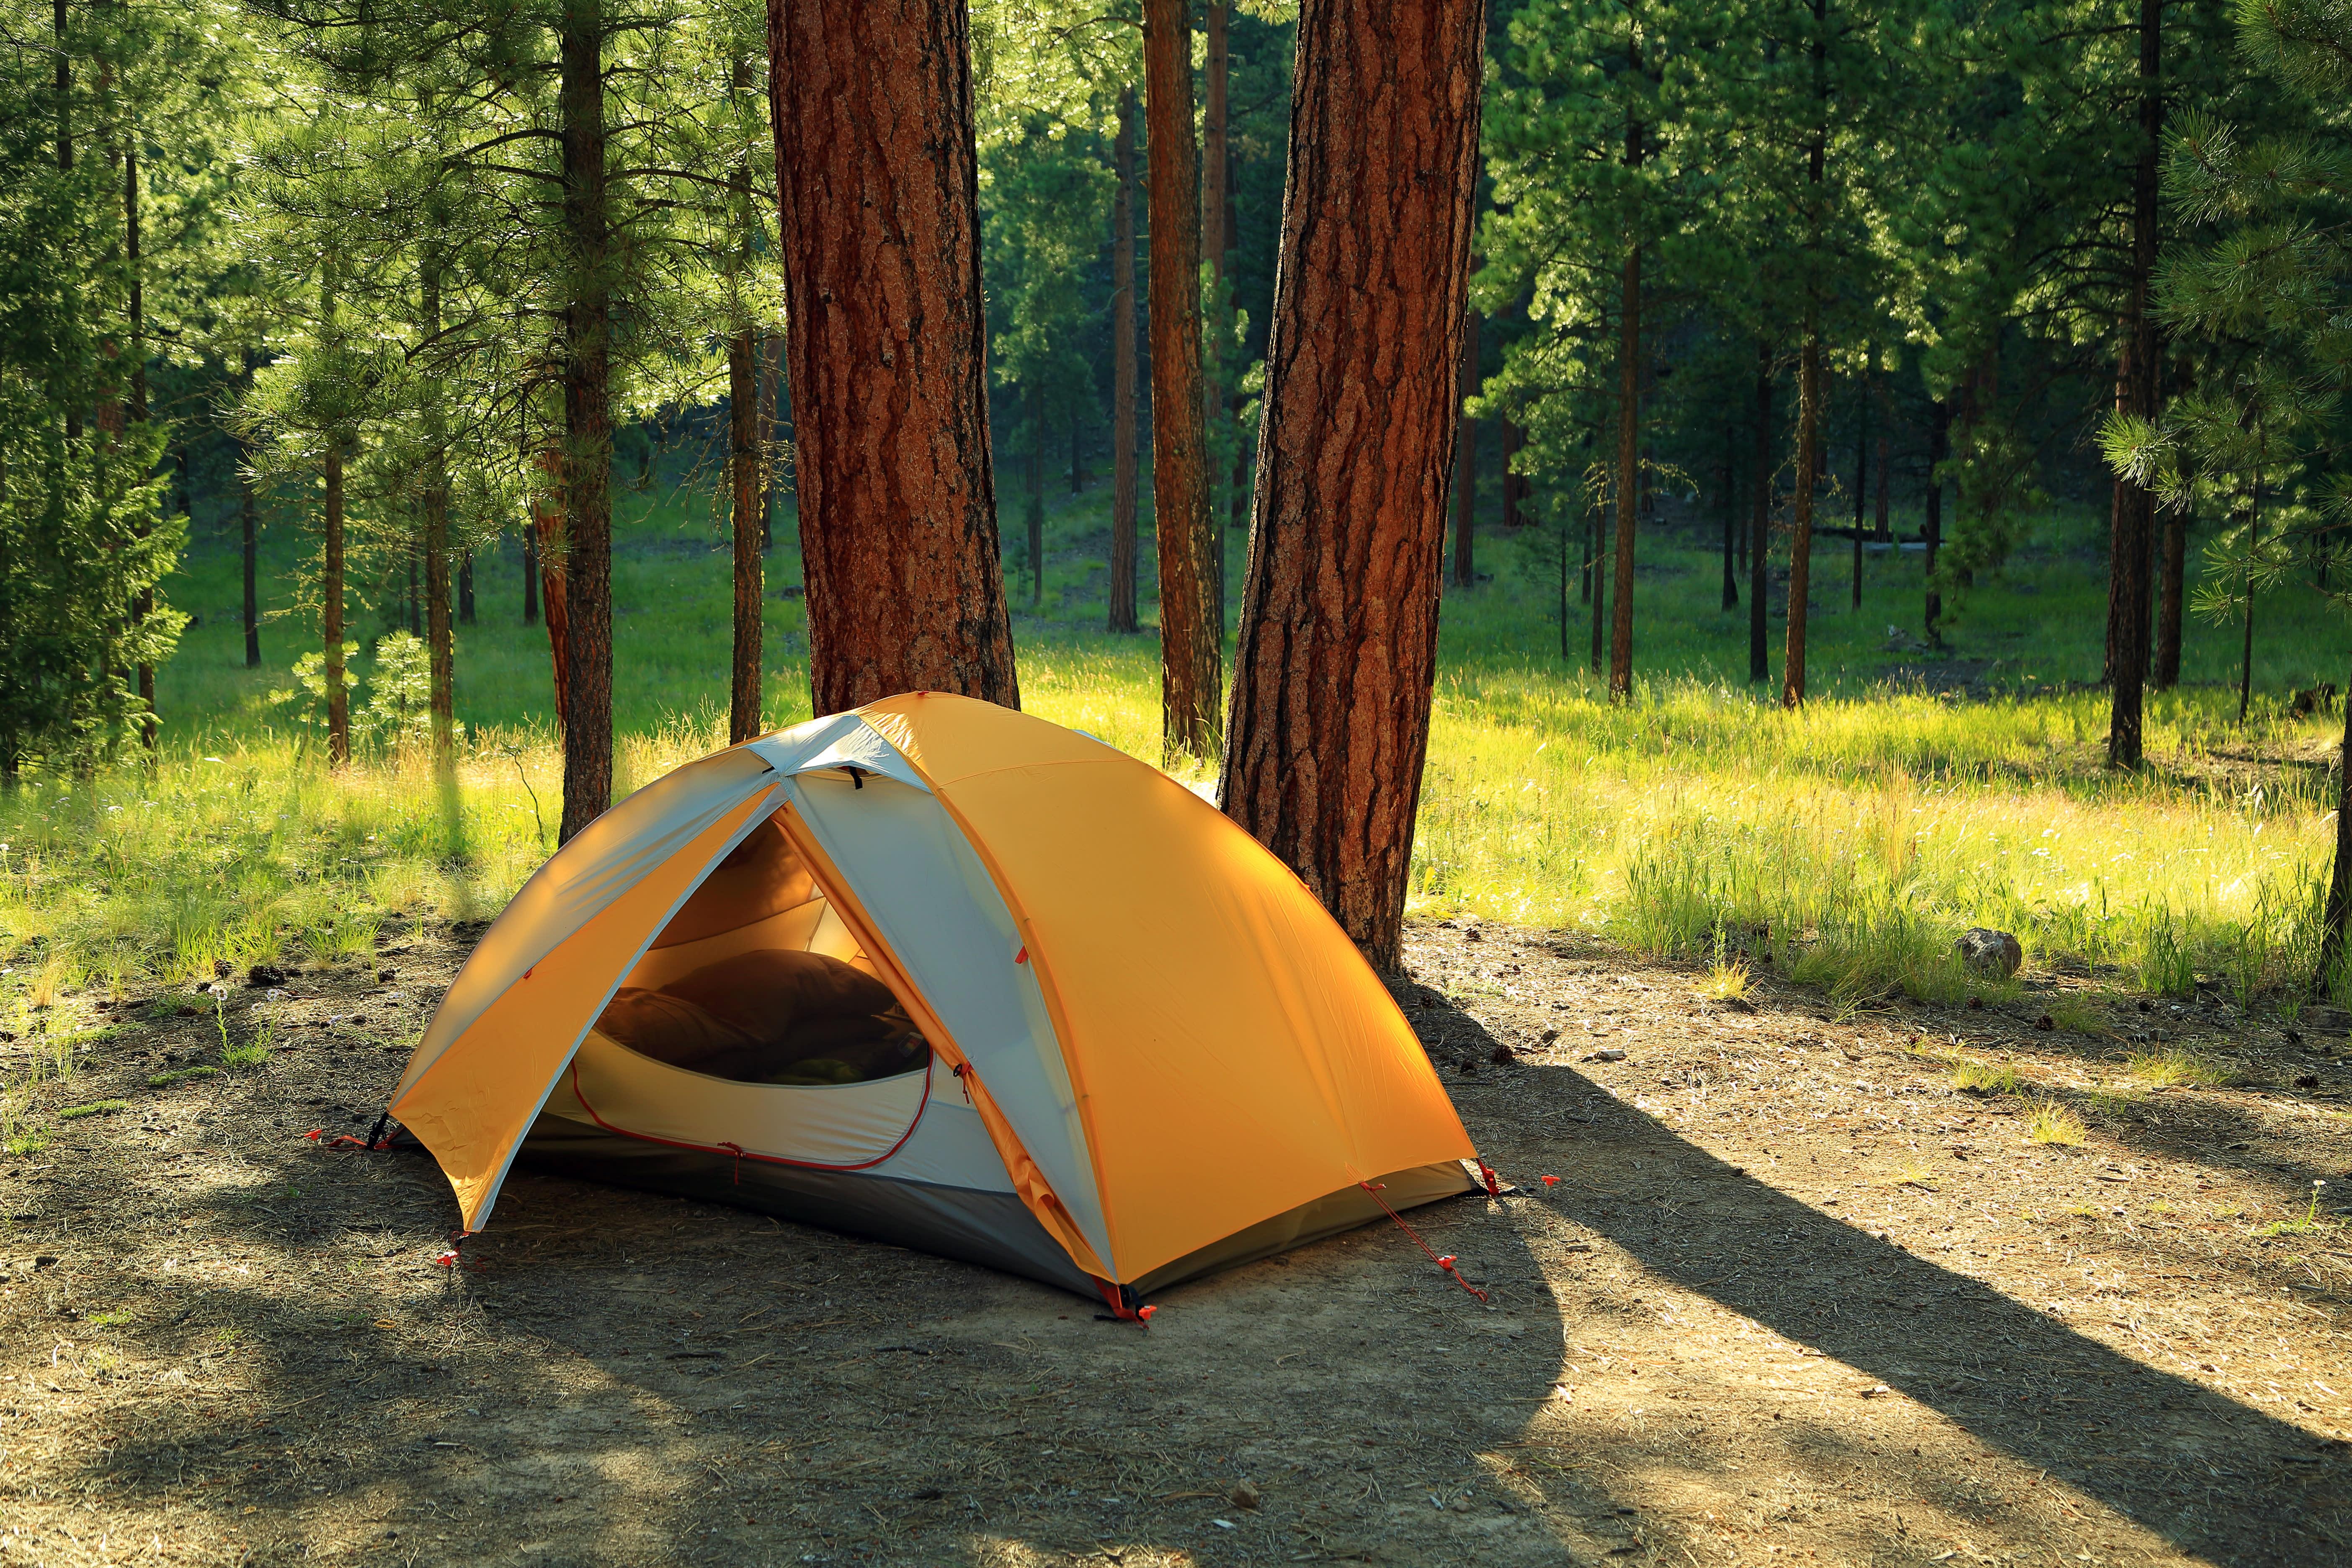 全台露營區合法率不到5%,您的看法是?